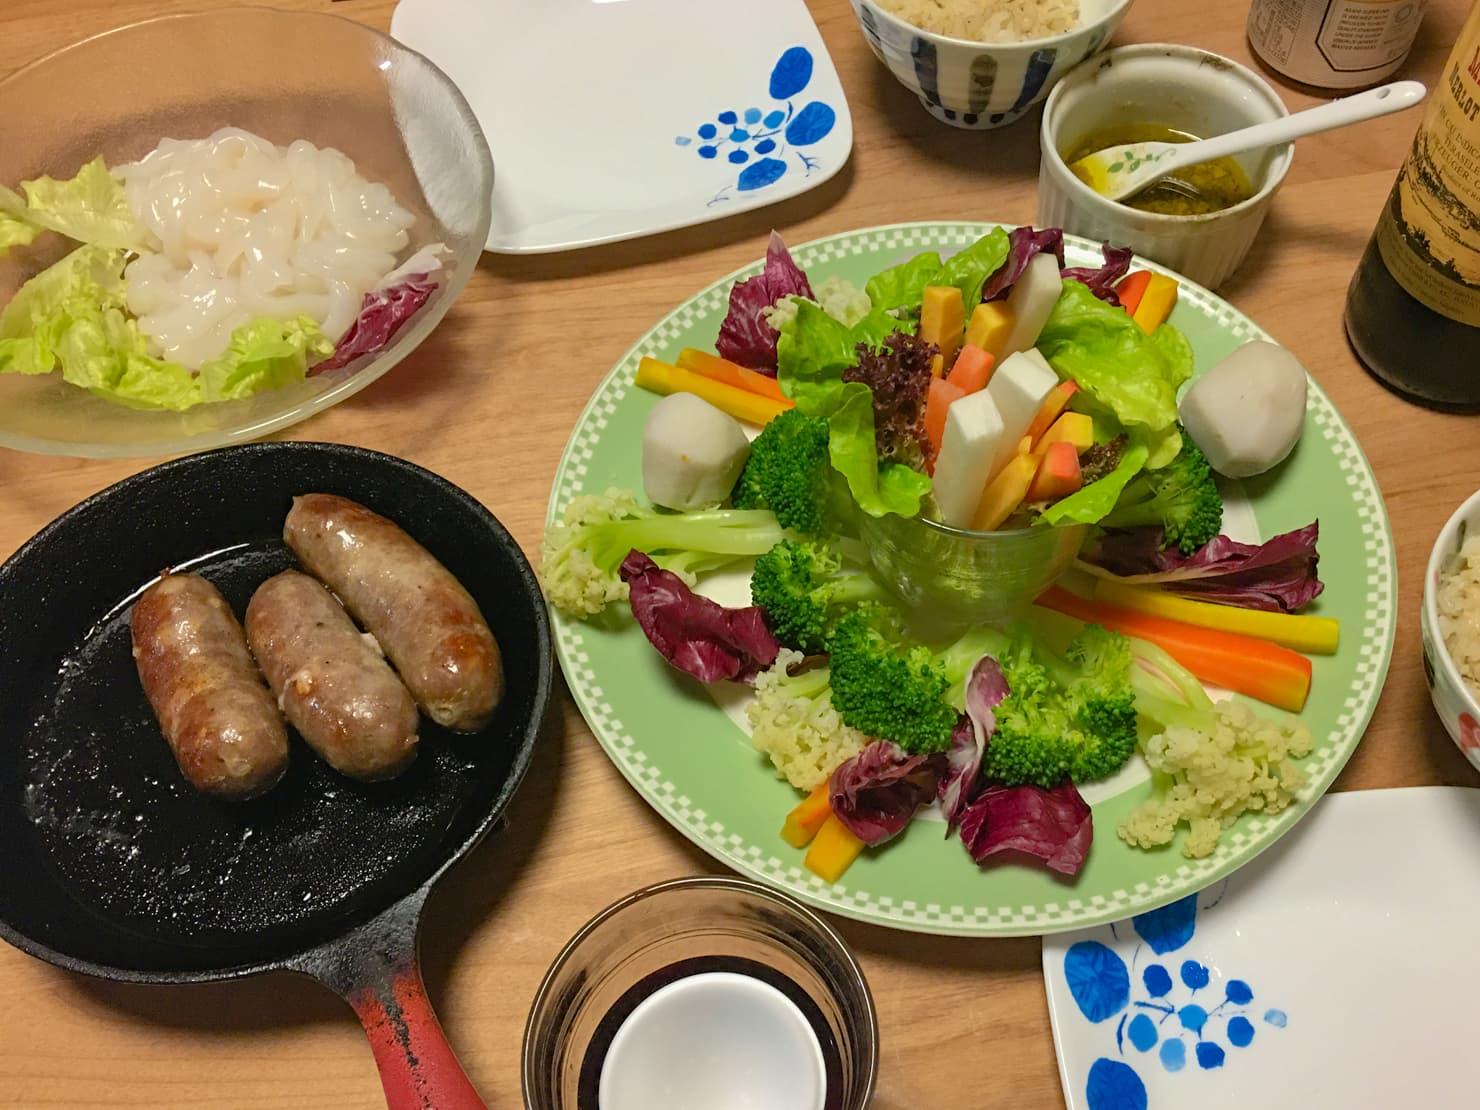 野菜たっぷりのバーニャカウダ中心の晩ご飯の写真